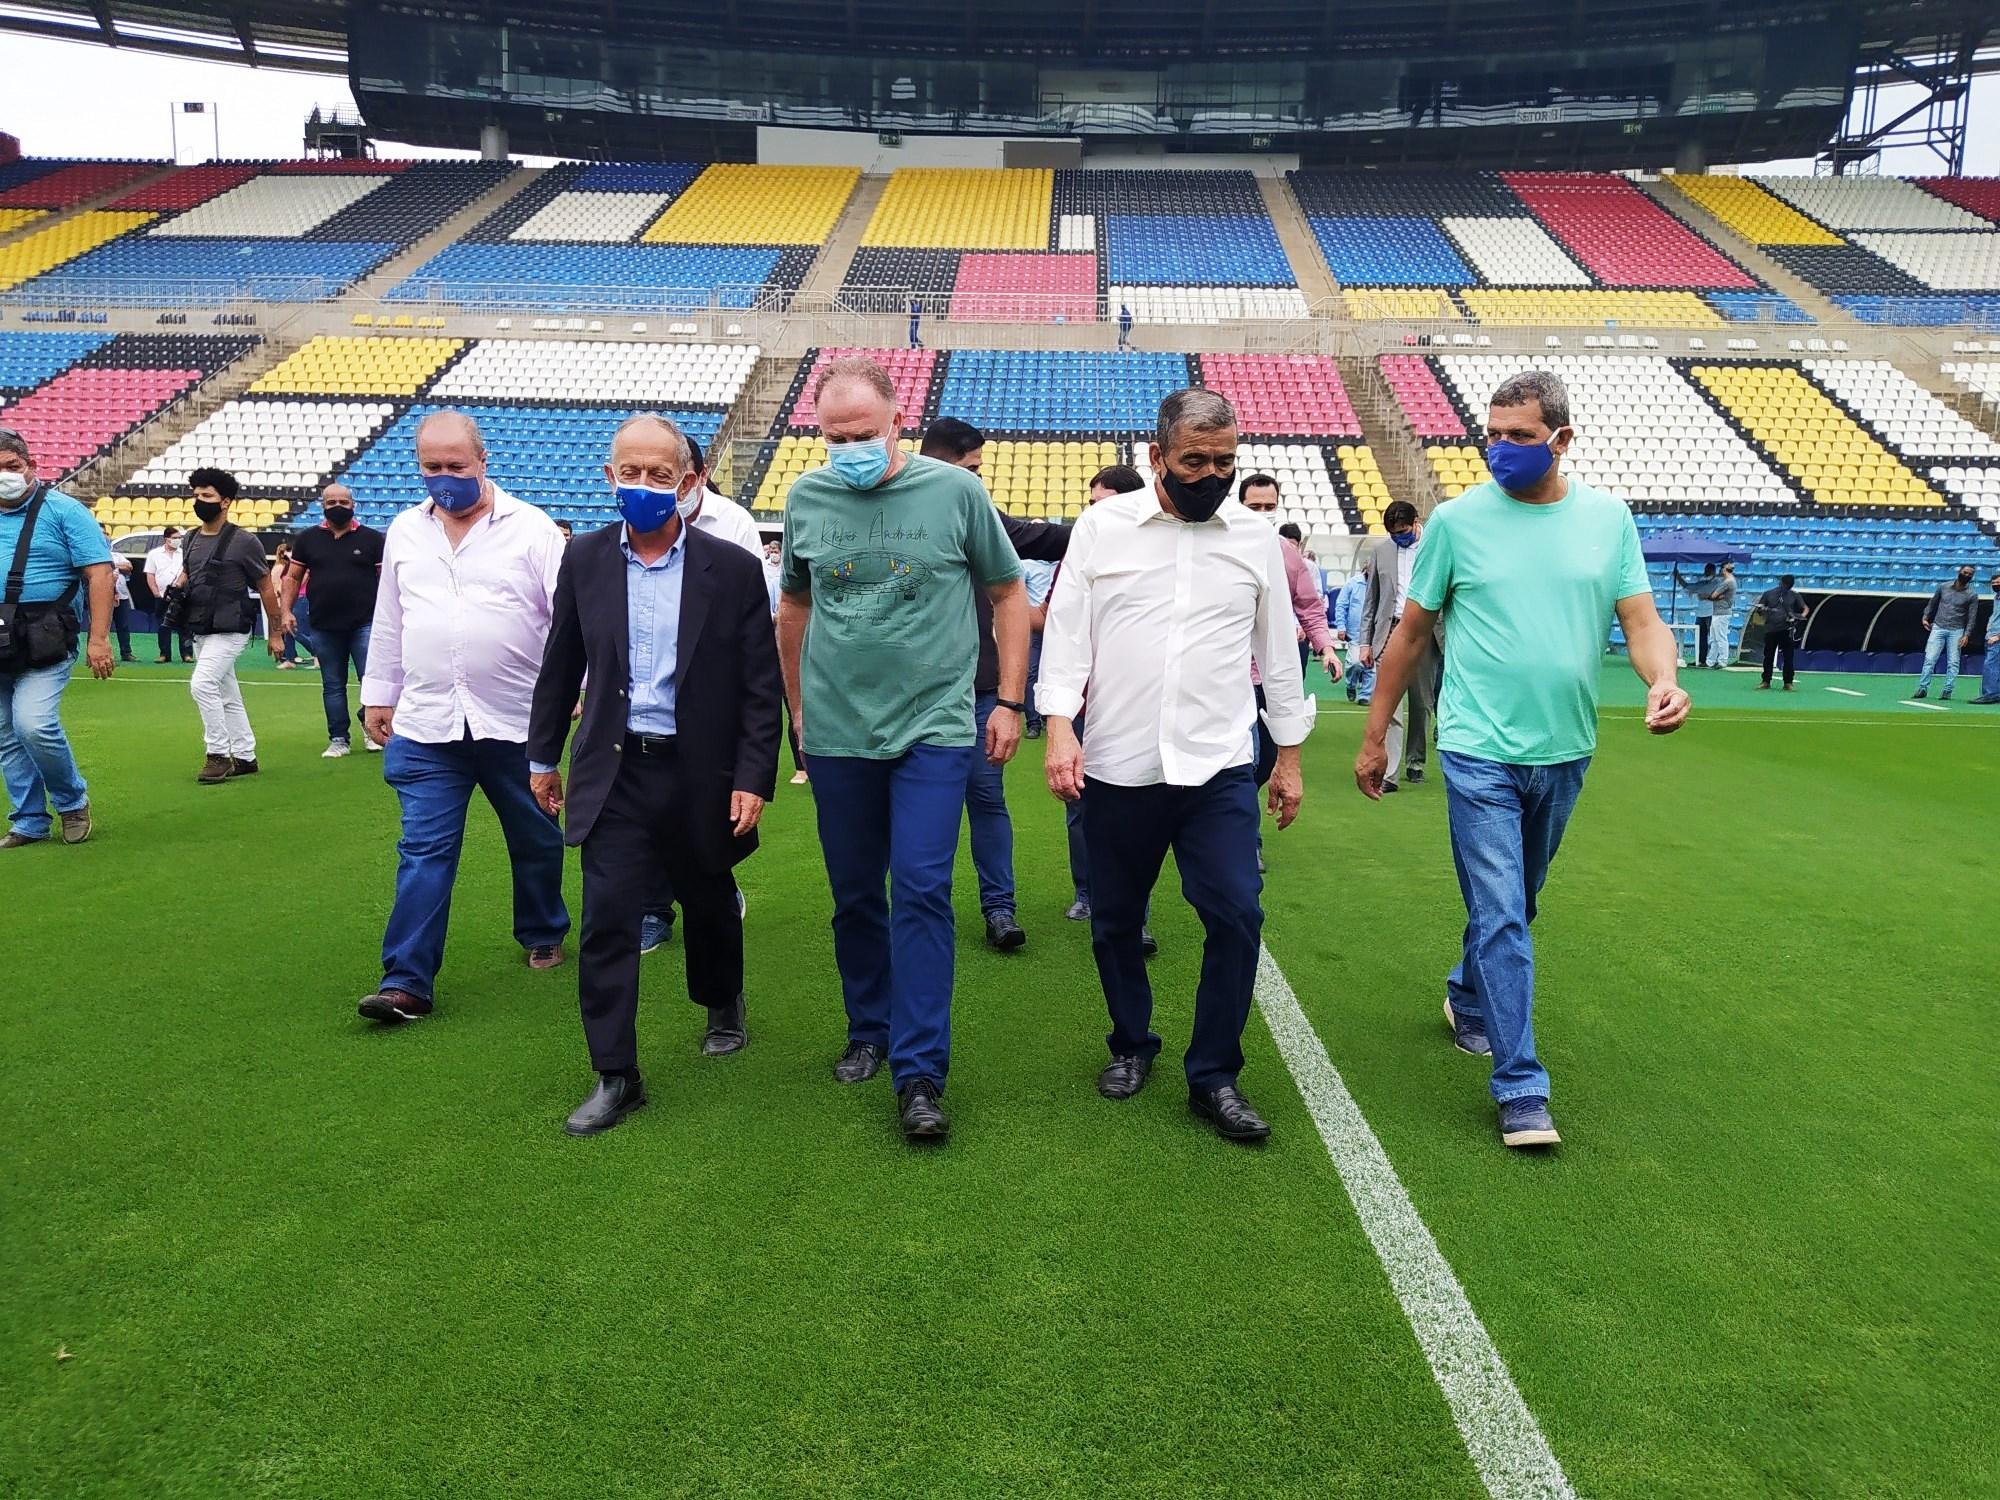 Em visita técnica ao Kleber Andrade, Casagrande confirma nova capacidade oficial do estádio